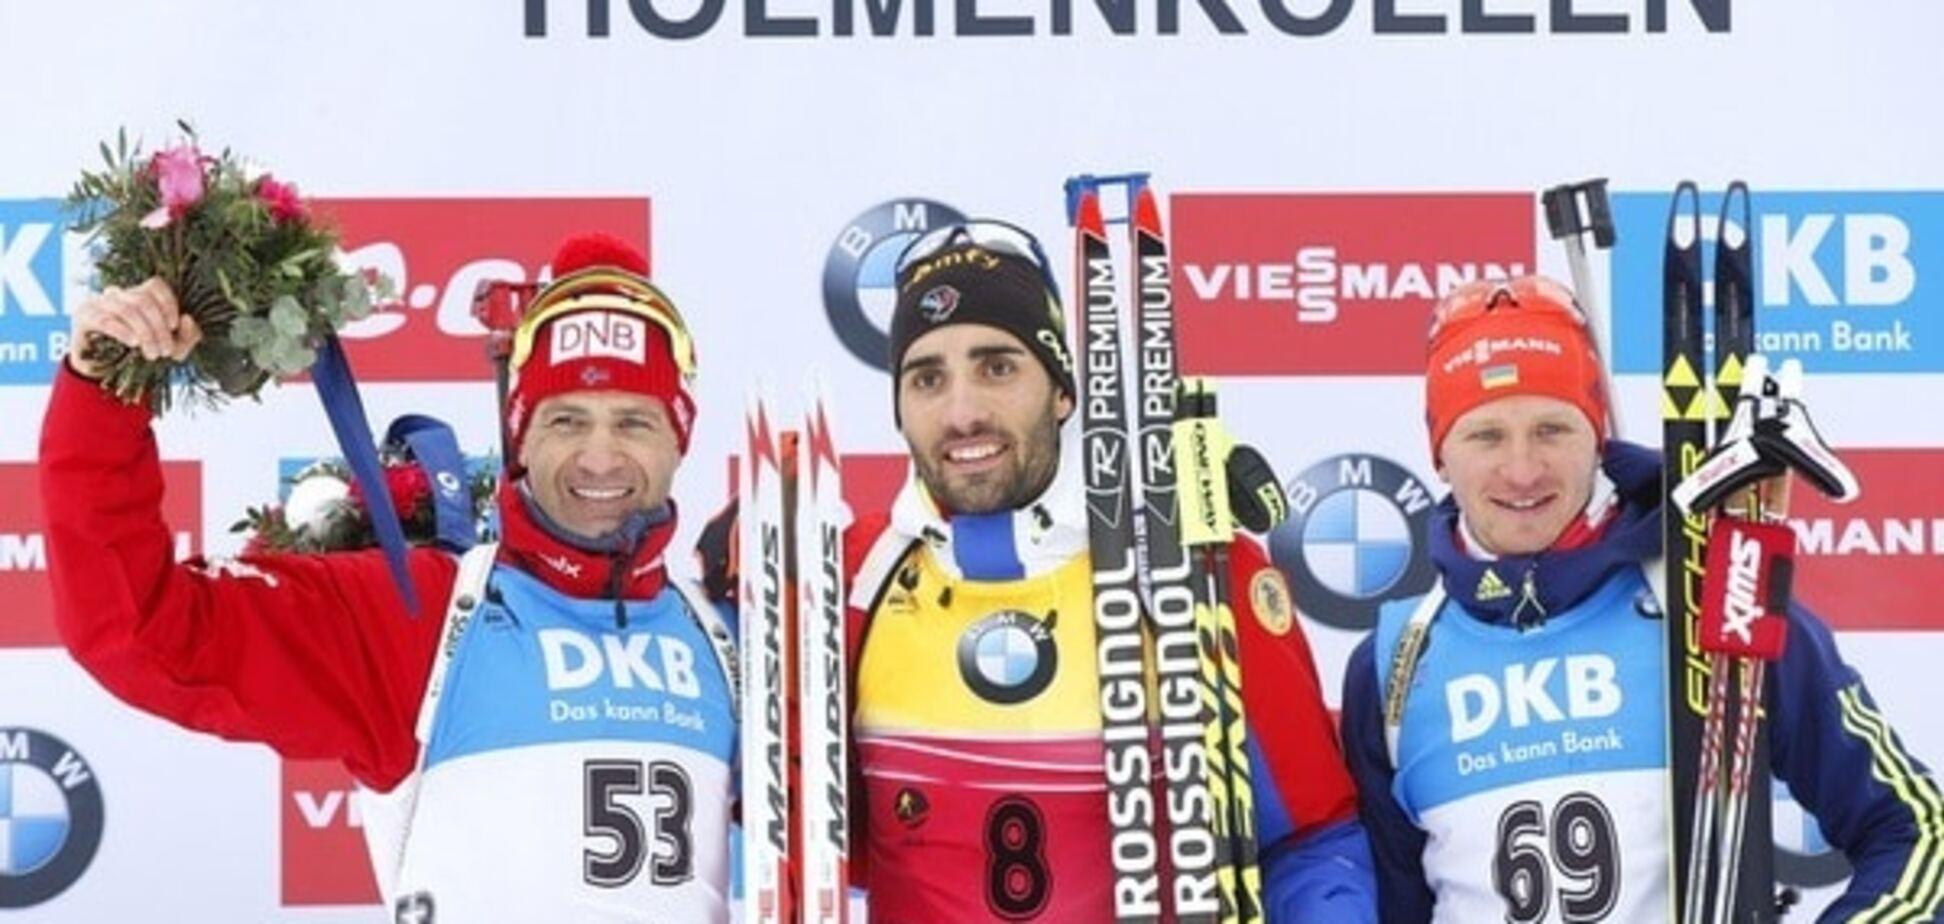 Семенов пояснив, чому не виграв 'срібло' чемпіонату світу з біатлону